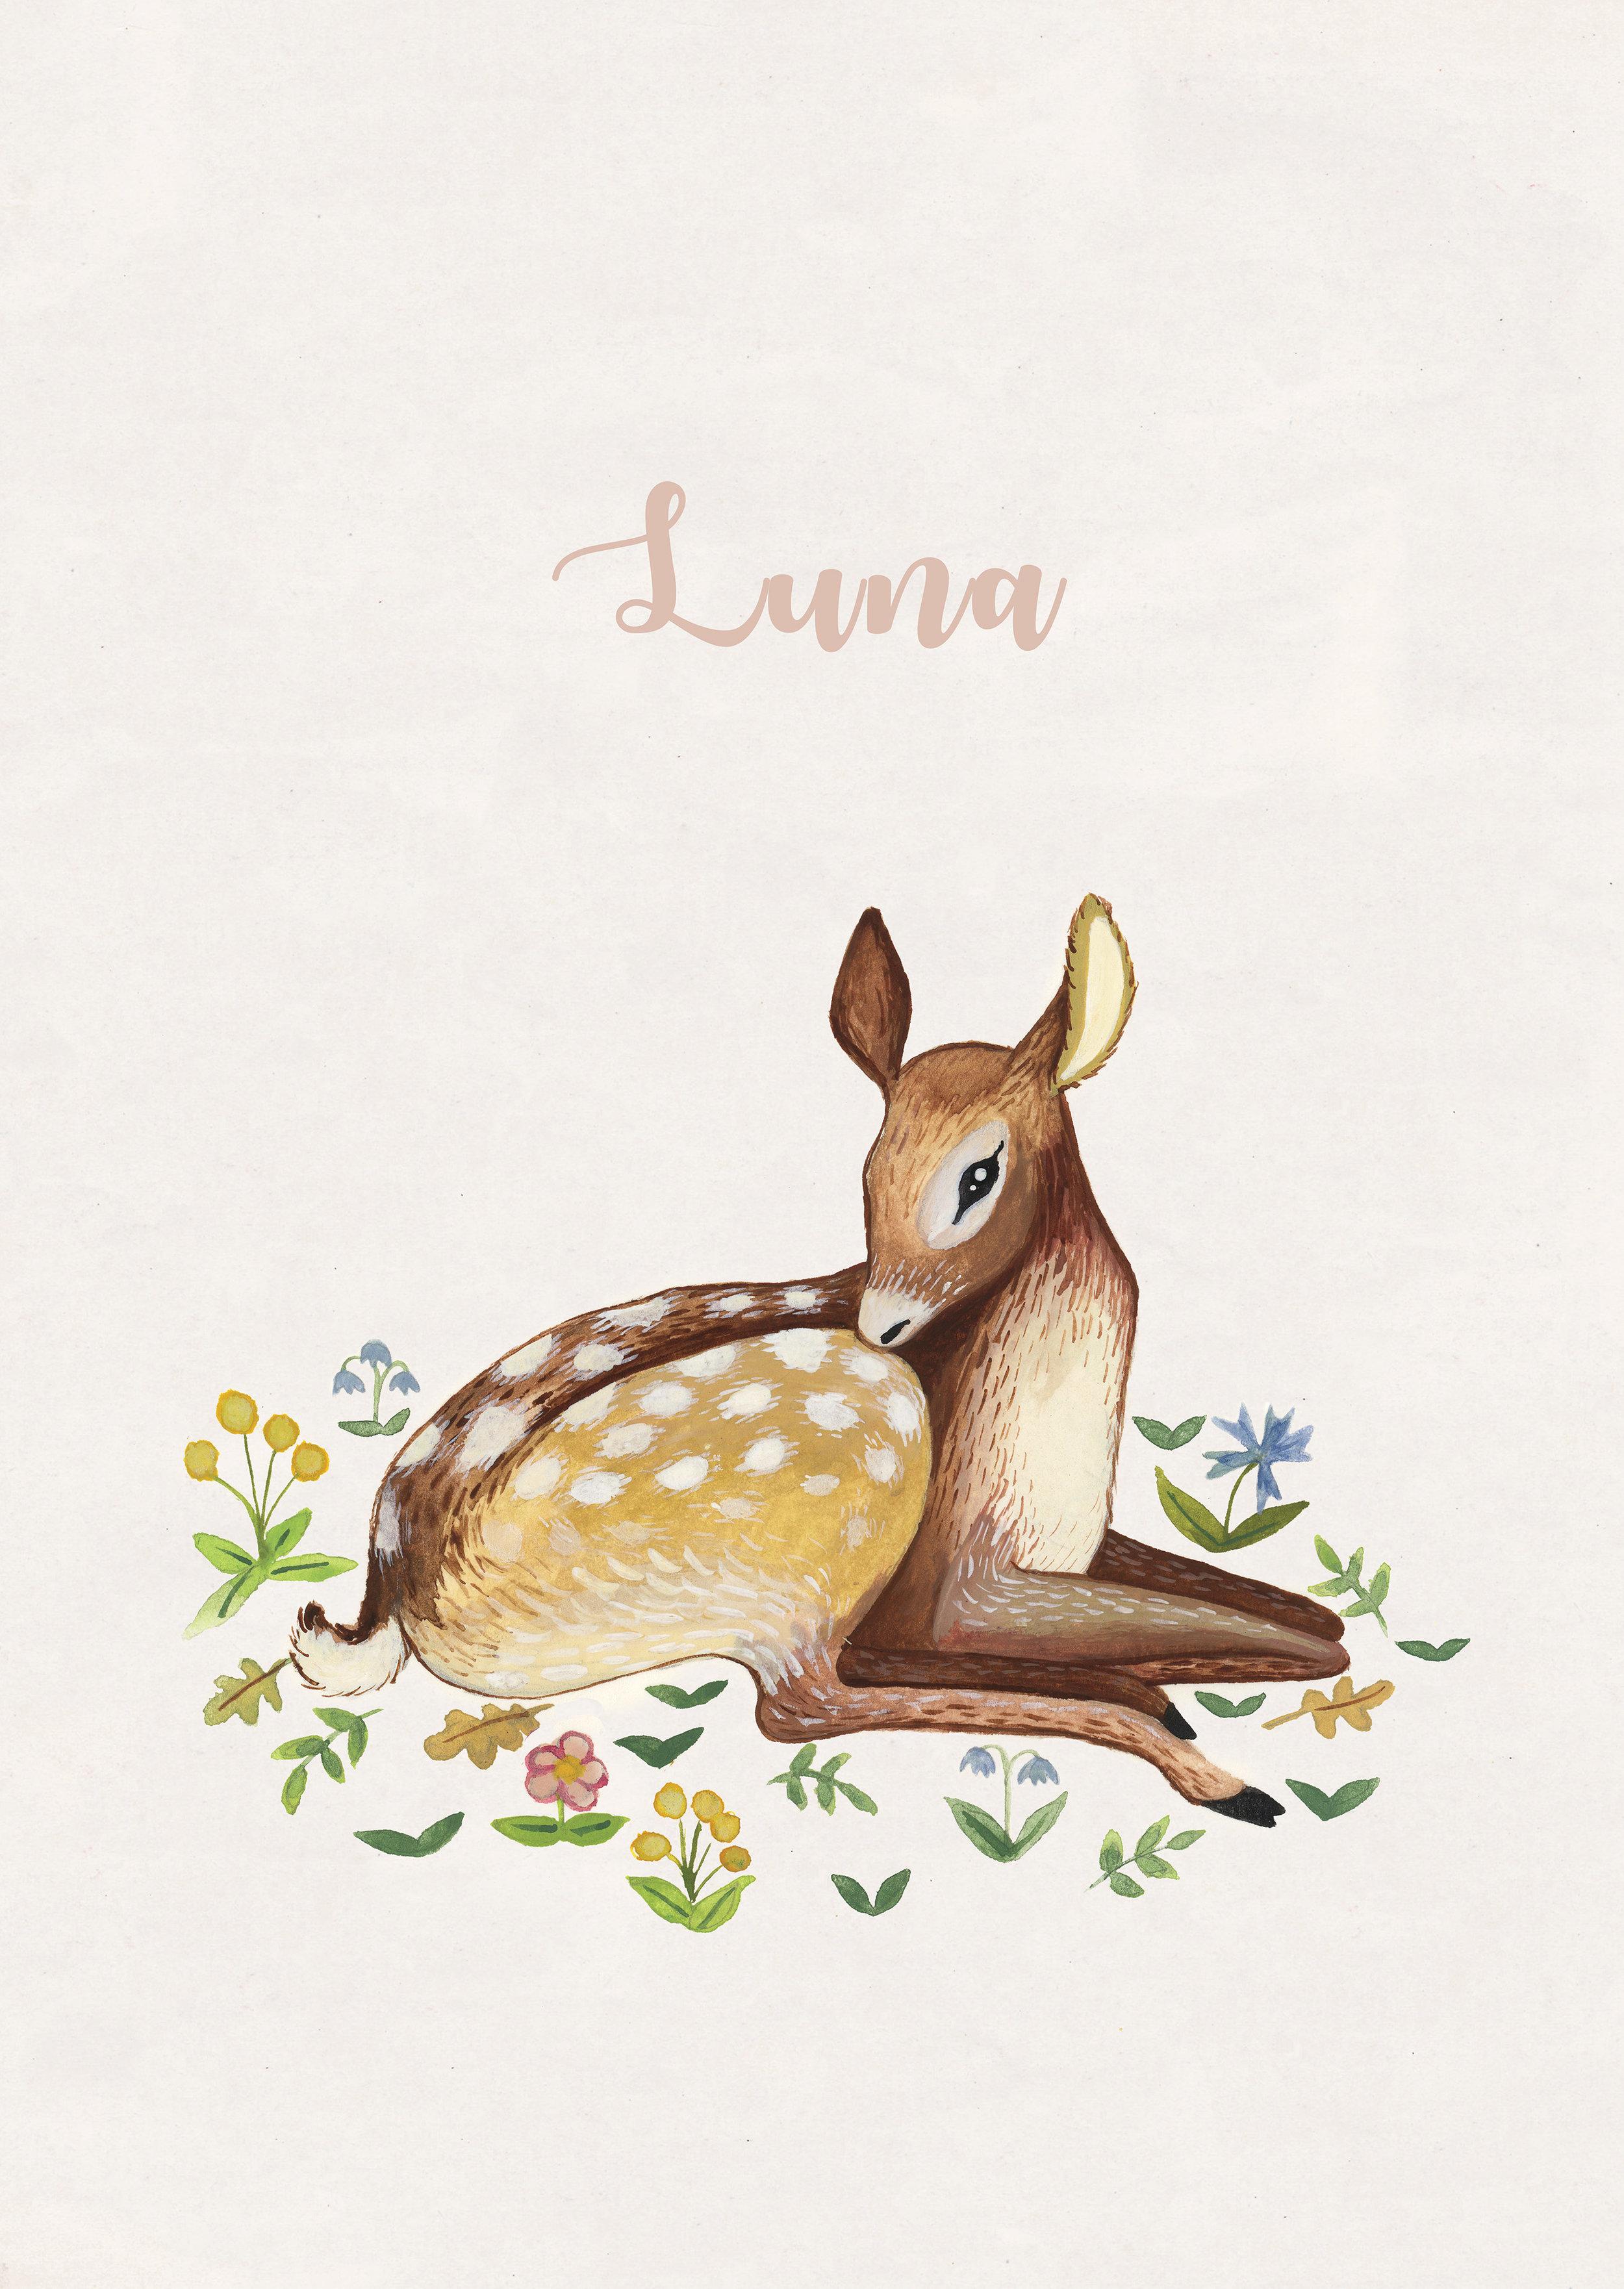 Luna voor.jpg